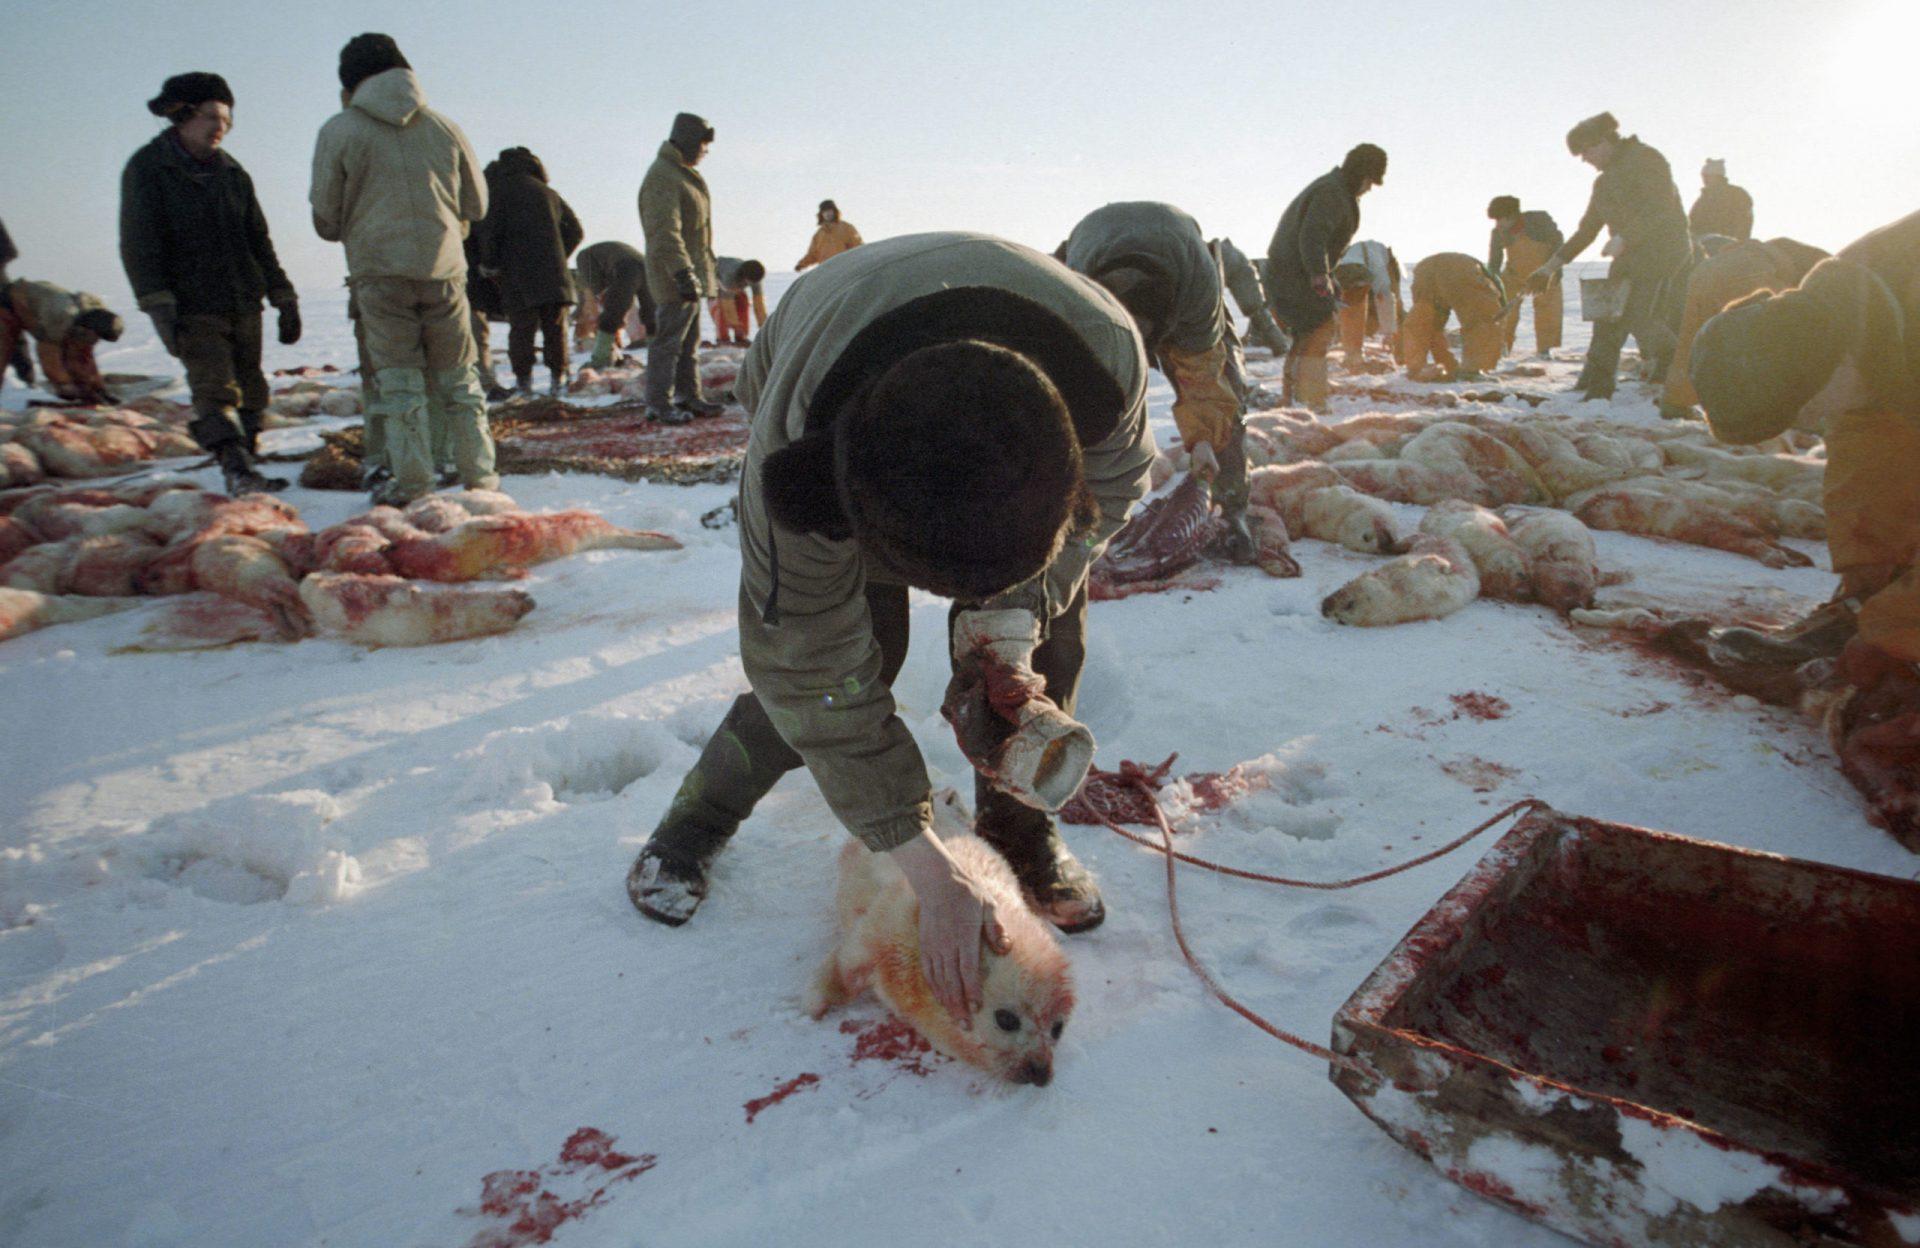 Этическое обоснование необходимости запрета охоты